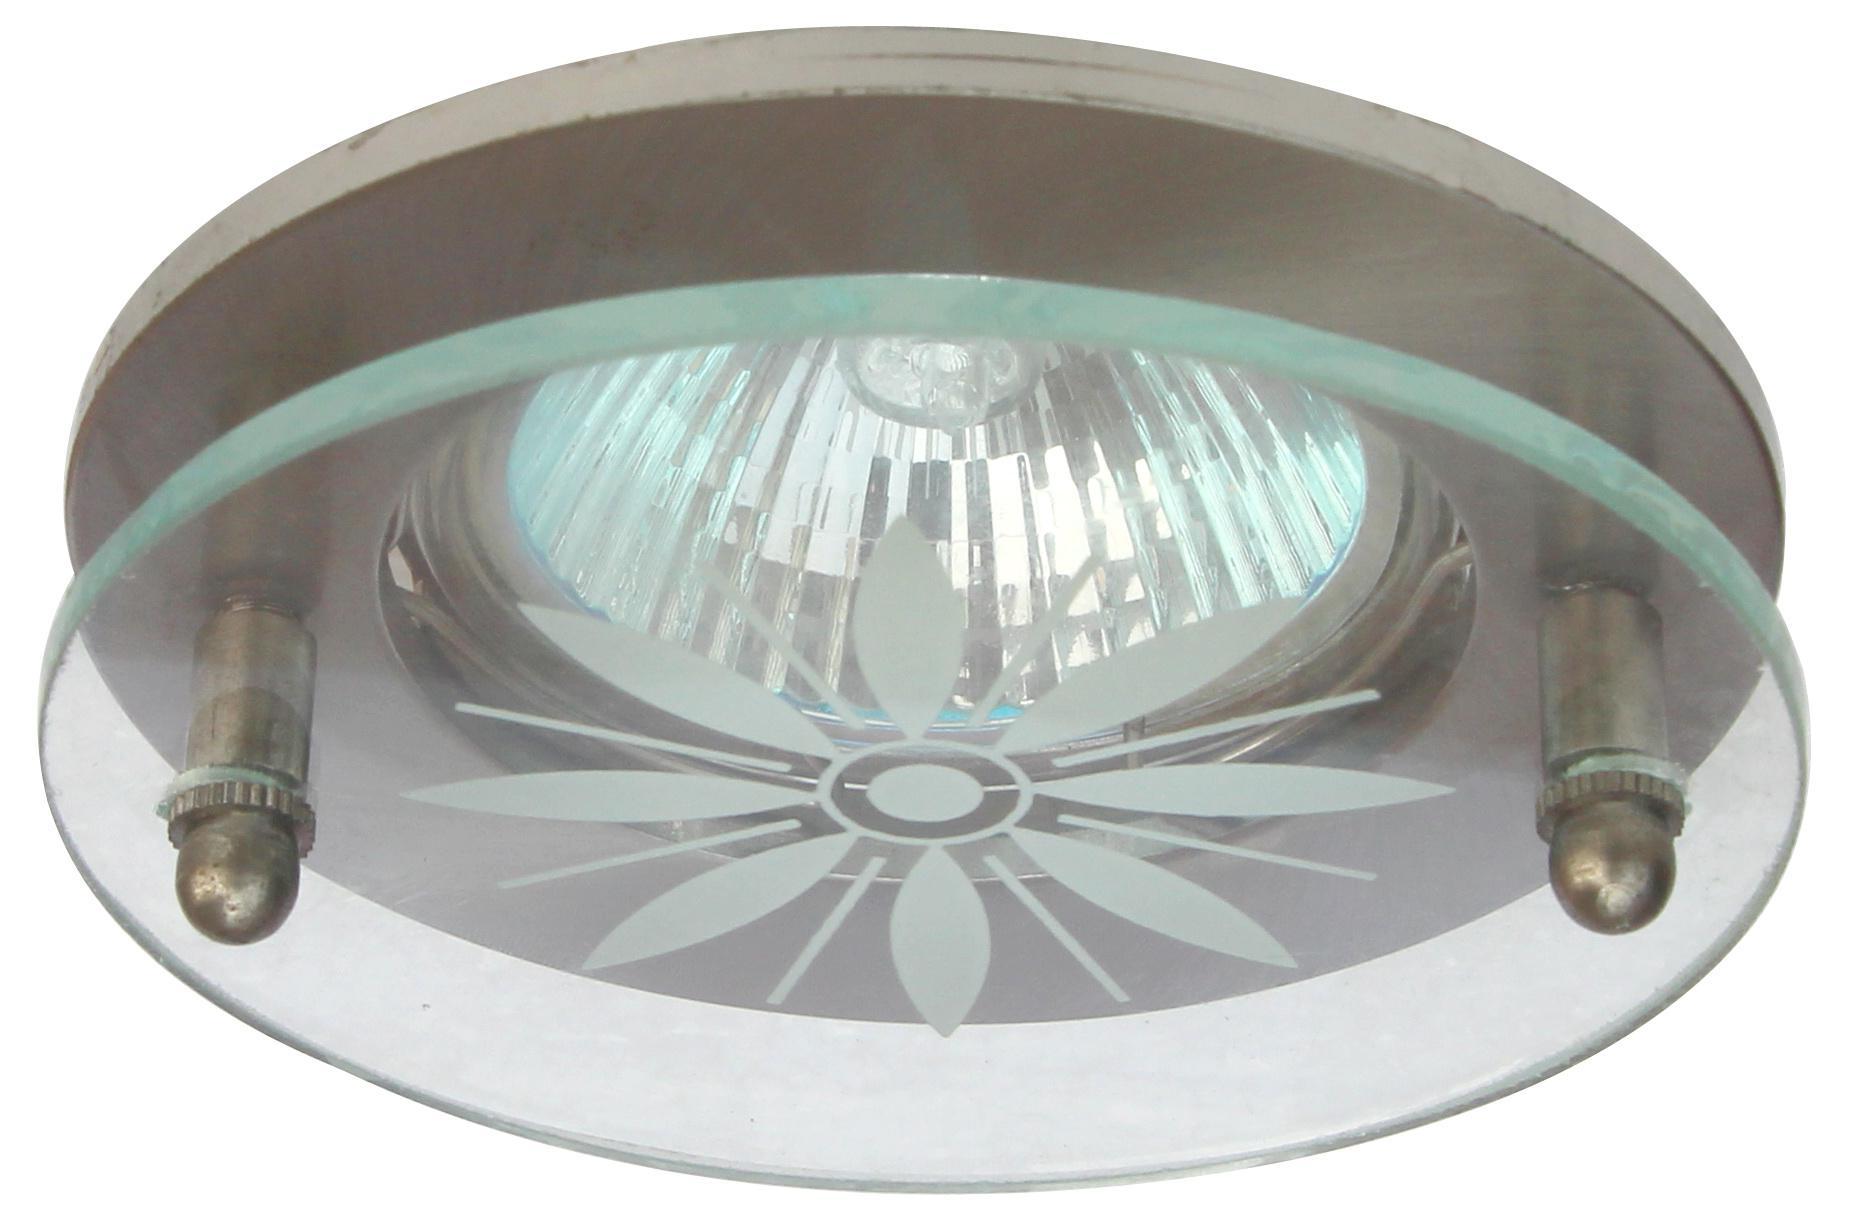 Светильник De fran Ft 807 sn светильник de fran ft 775